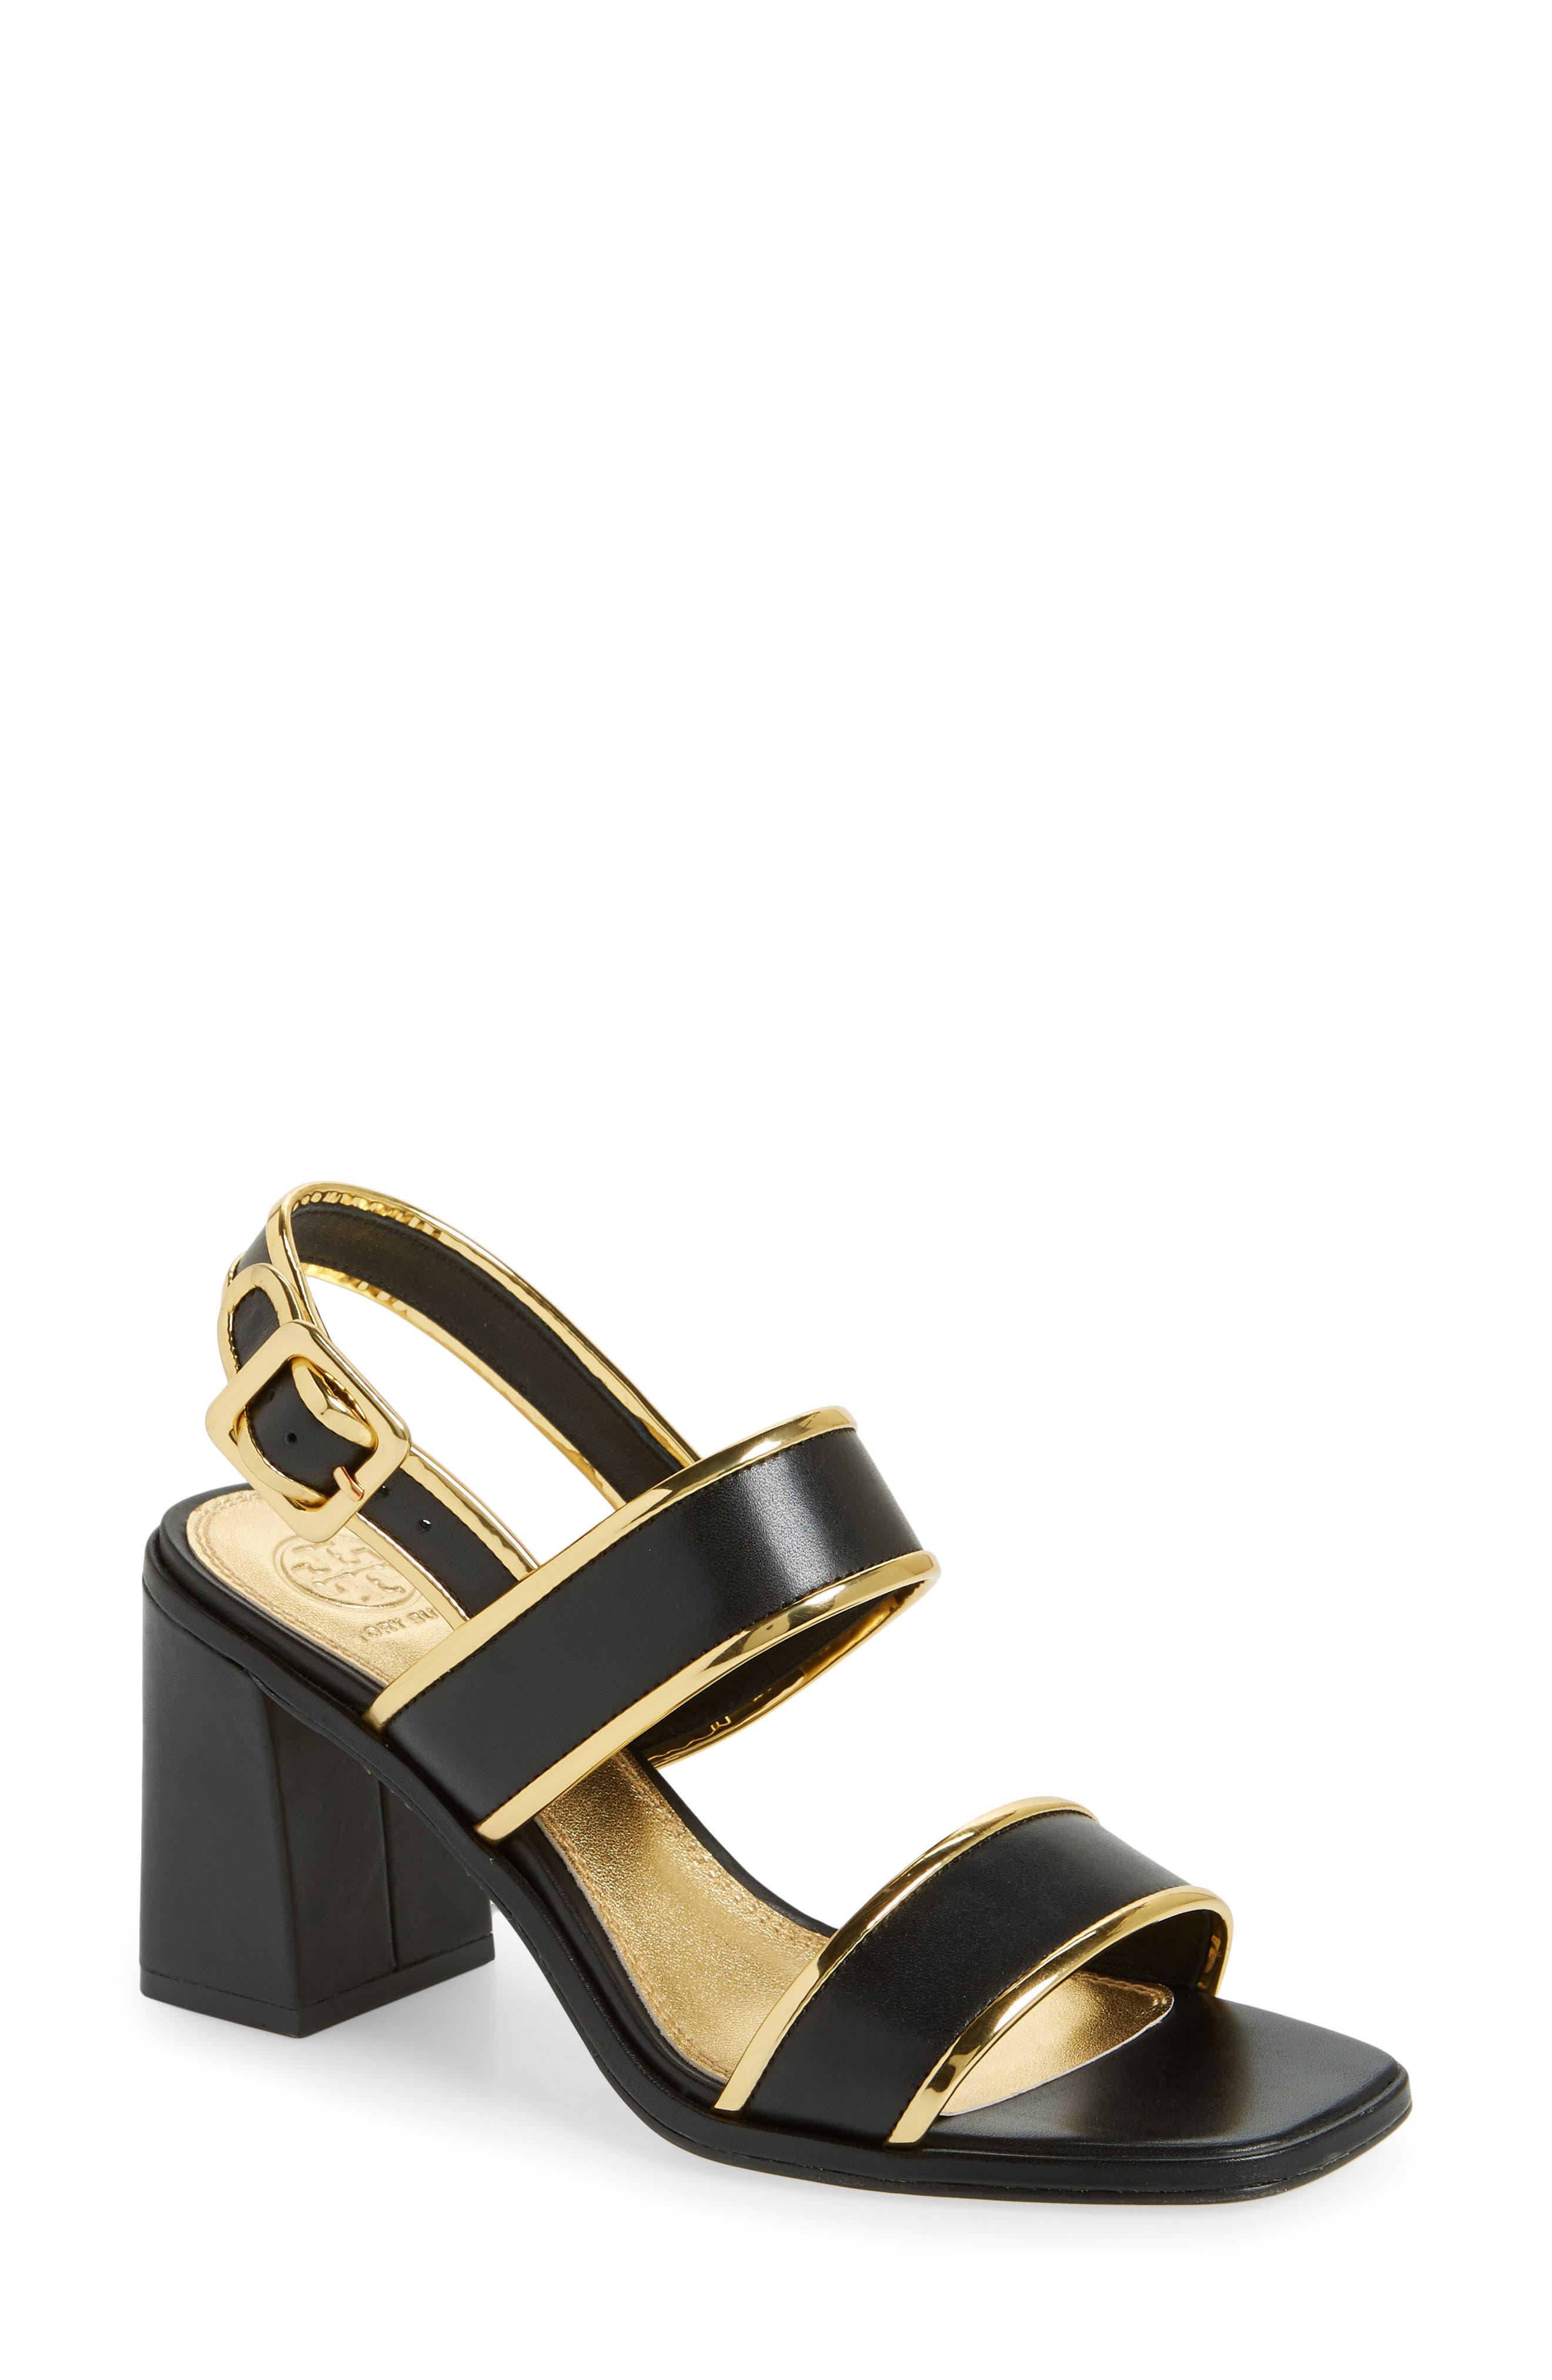 Delaney Double Strap Sandal,                         Main,                         color,